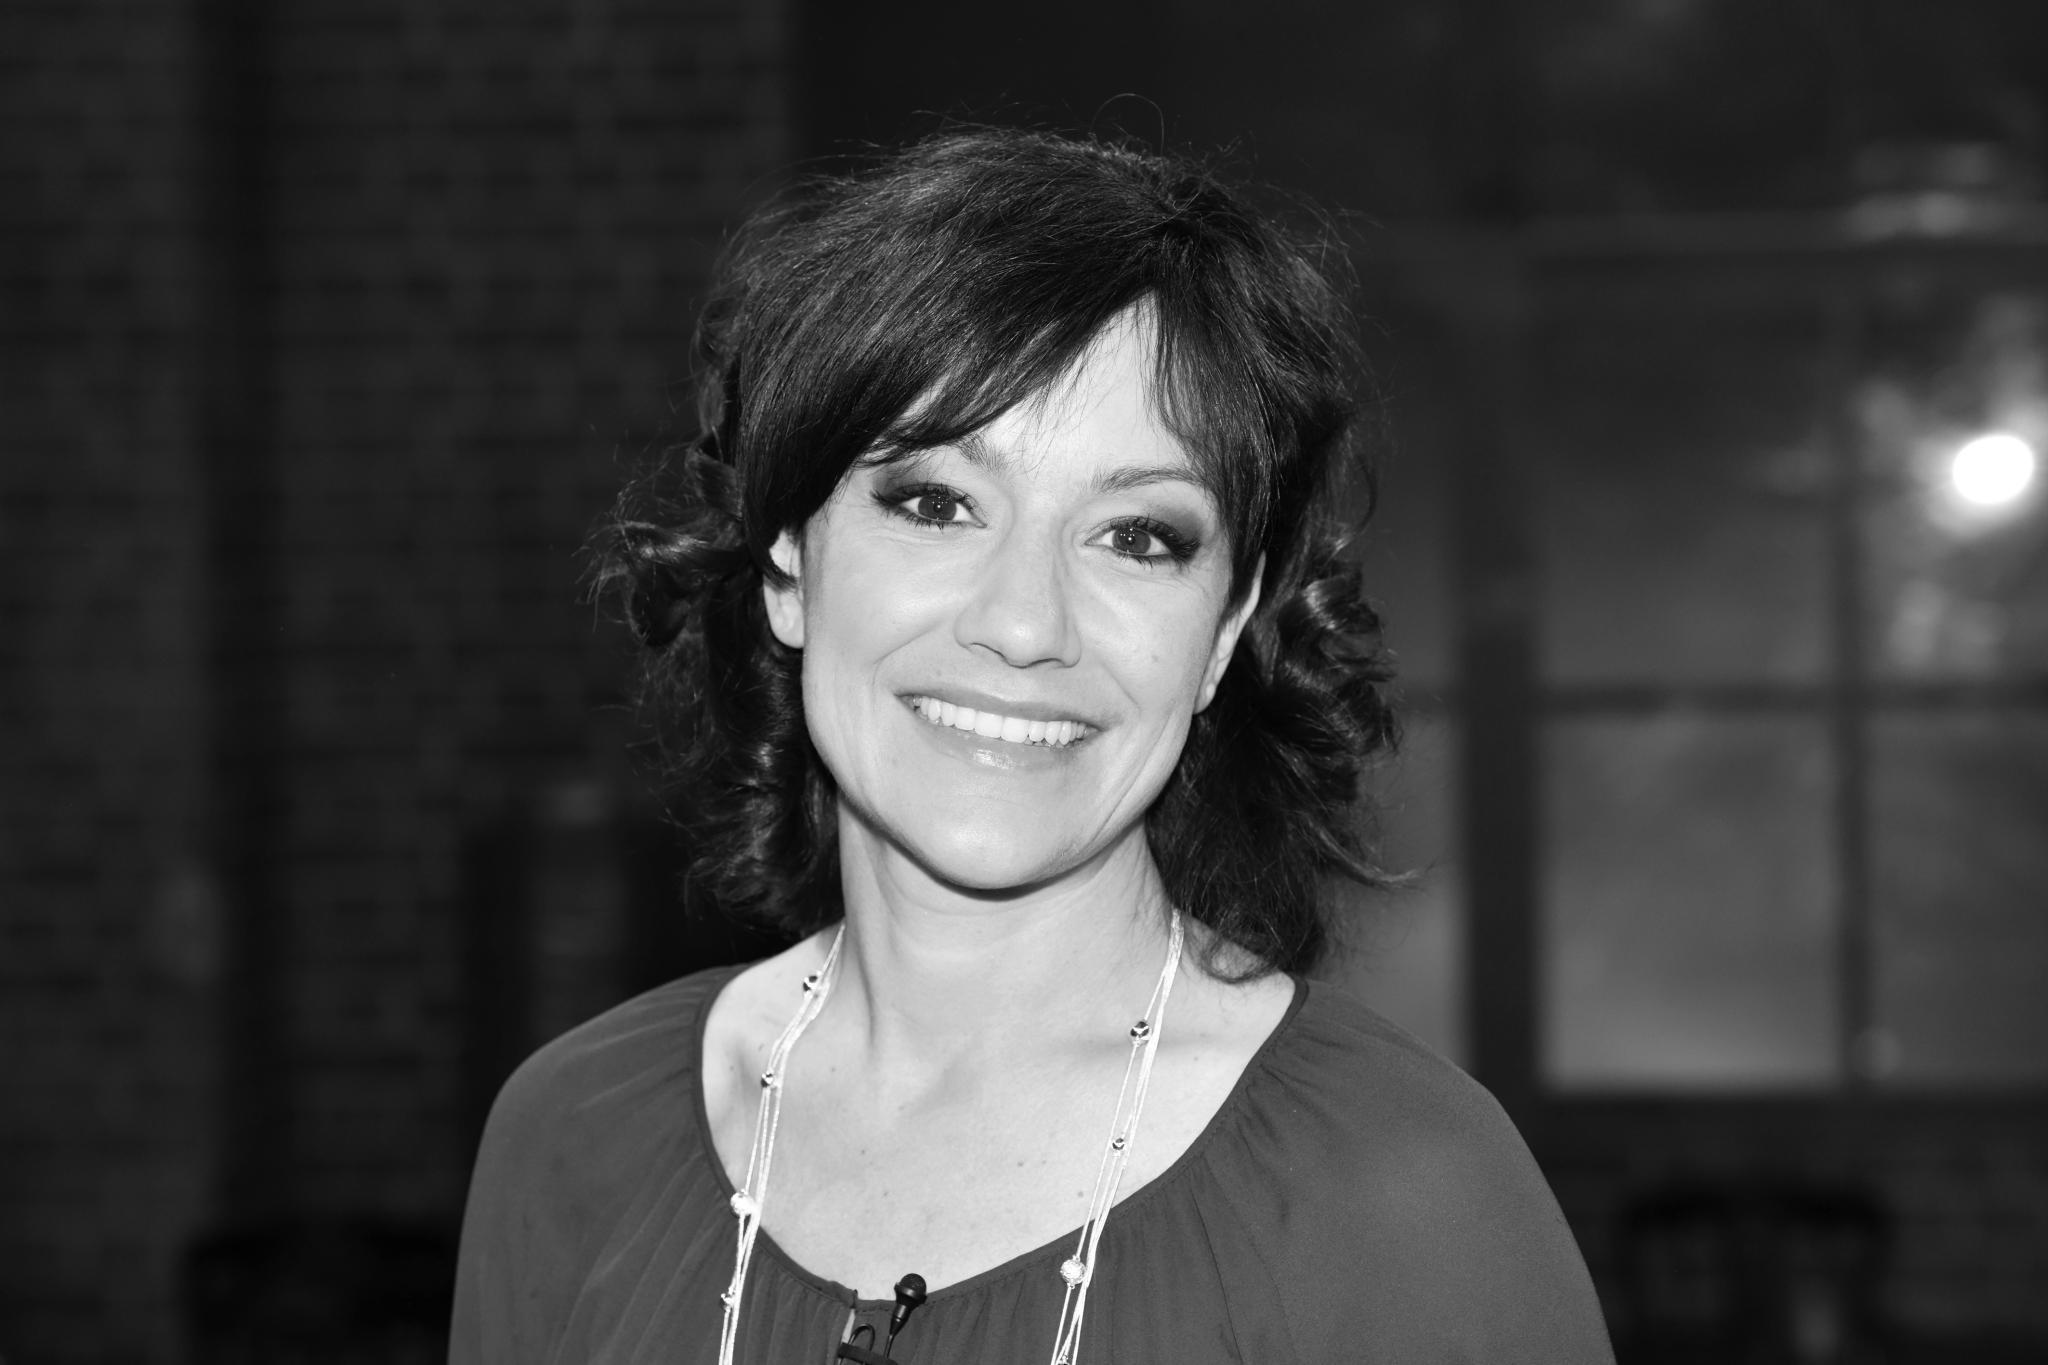 Miriam Pielhau ist am 12. Juli 2016 an den Folgen ihrer Krebserkrankung verstorben.